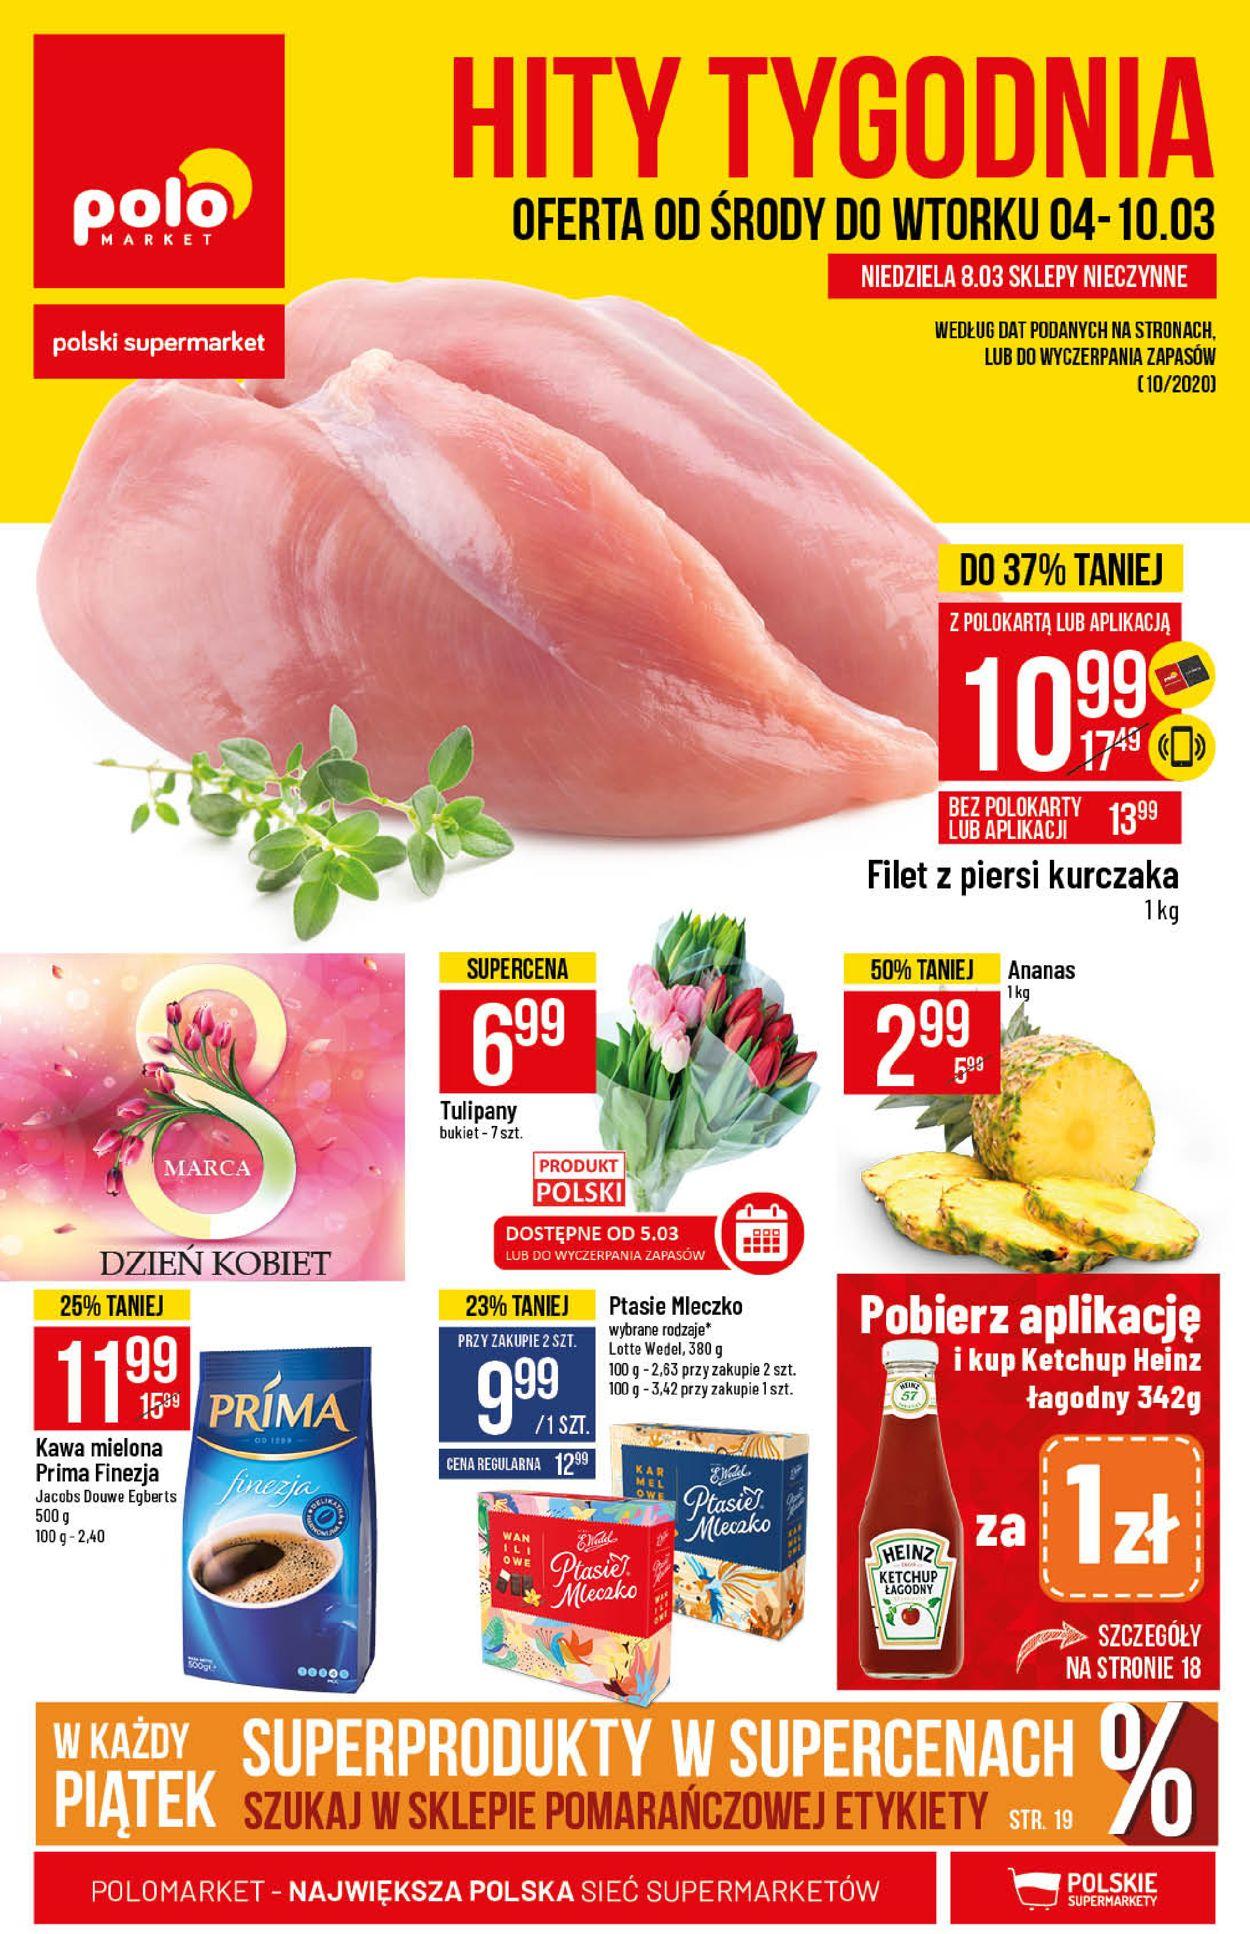 Gazetka promocyjna Polomarket - 04.03-10.03.2020